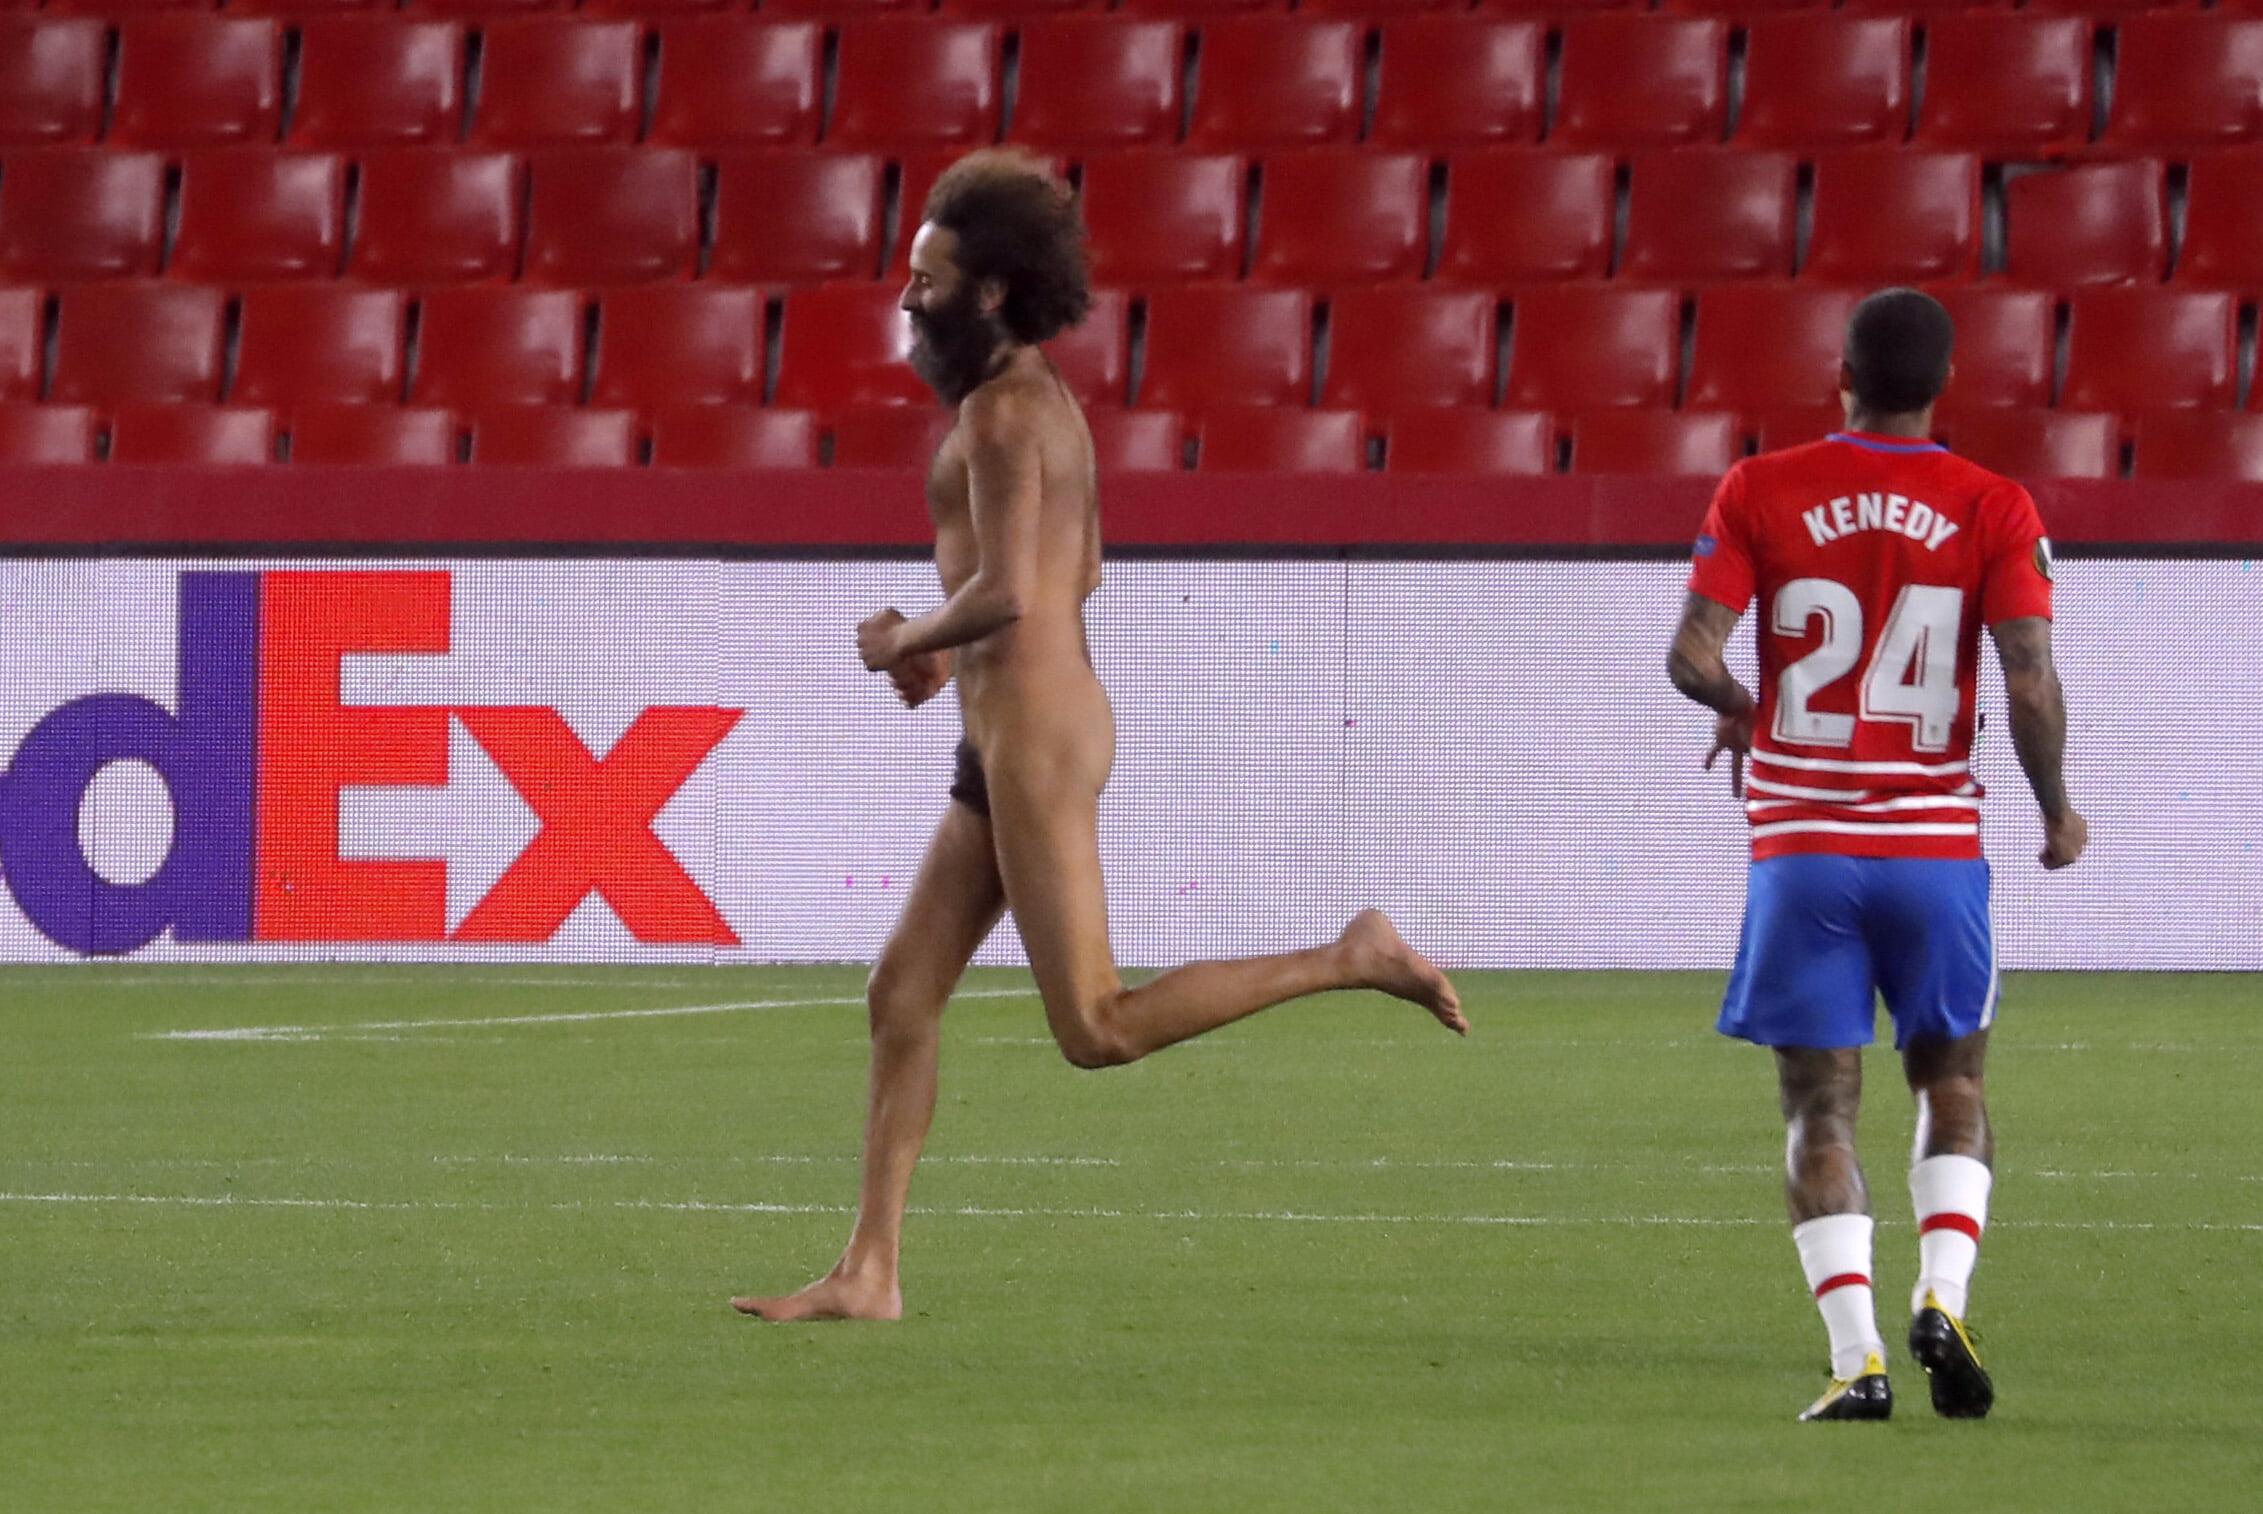 Голый мужчина выбежал на поле во время игры МЮ в ЛЕ. Матч с Гранадой проходит без зрителей